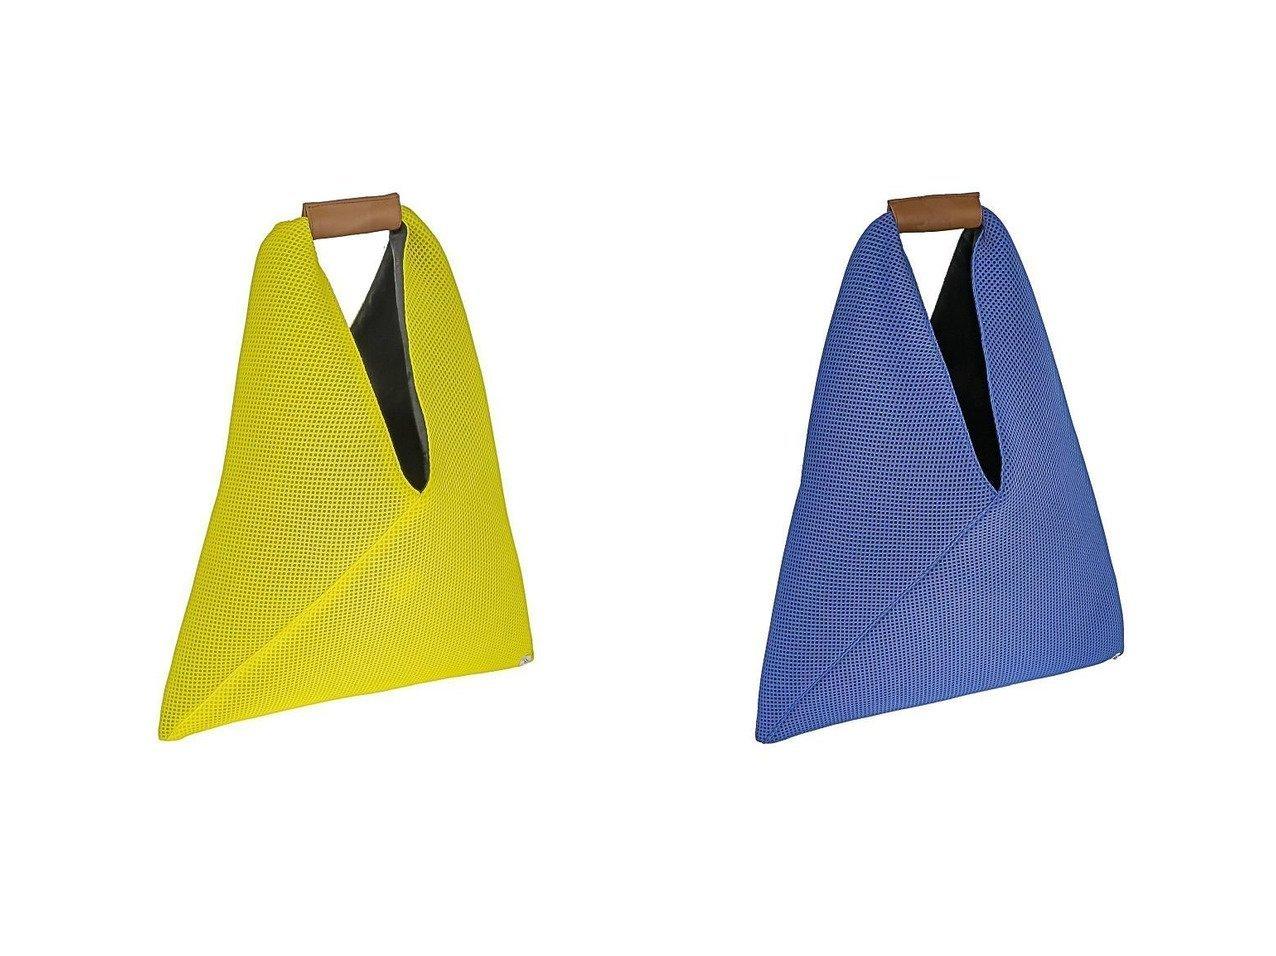 【MM6 Maison Margiela/エムエムシックス メゾンマルジェラ】のMM6(エムエム6) S54WD0043-PR992 ジャパニーズトート トライアングル メッシュ ミニトートバッグ 【バッグ・鞄】おすすめ!人気、トレンド・レディースファッションの通販   おすすめファッション通販アイテム インテリア・キッズ・メンズ・レディースファッション・服の通販 founy(ファニー)  ファッション Fashion レディースファッション WOMEN バッグ Bag イタリア トライアングル ポケット メッシュ イエロー系 Yellow ブラック系 Black ブルー系 Blue |ID:crp329100000037655